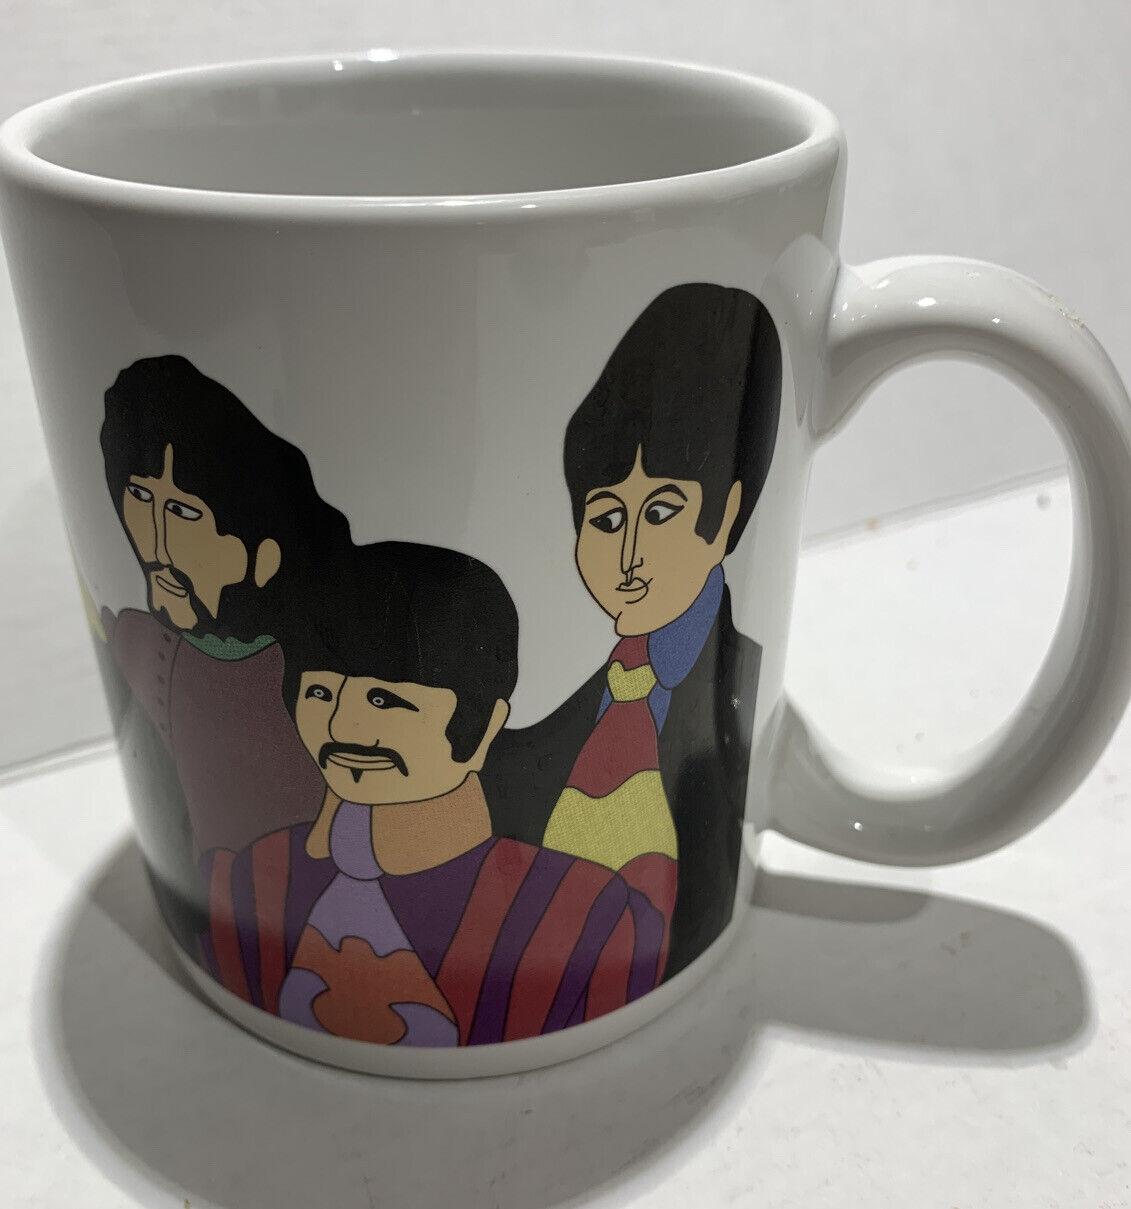 VINTAGE JEREMY JUVENILE NIB Ceramic Coffee Mug THE BEATLES- YELLOW SUBMARINE